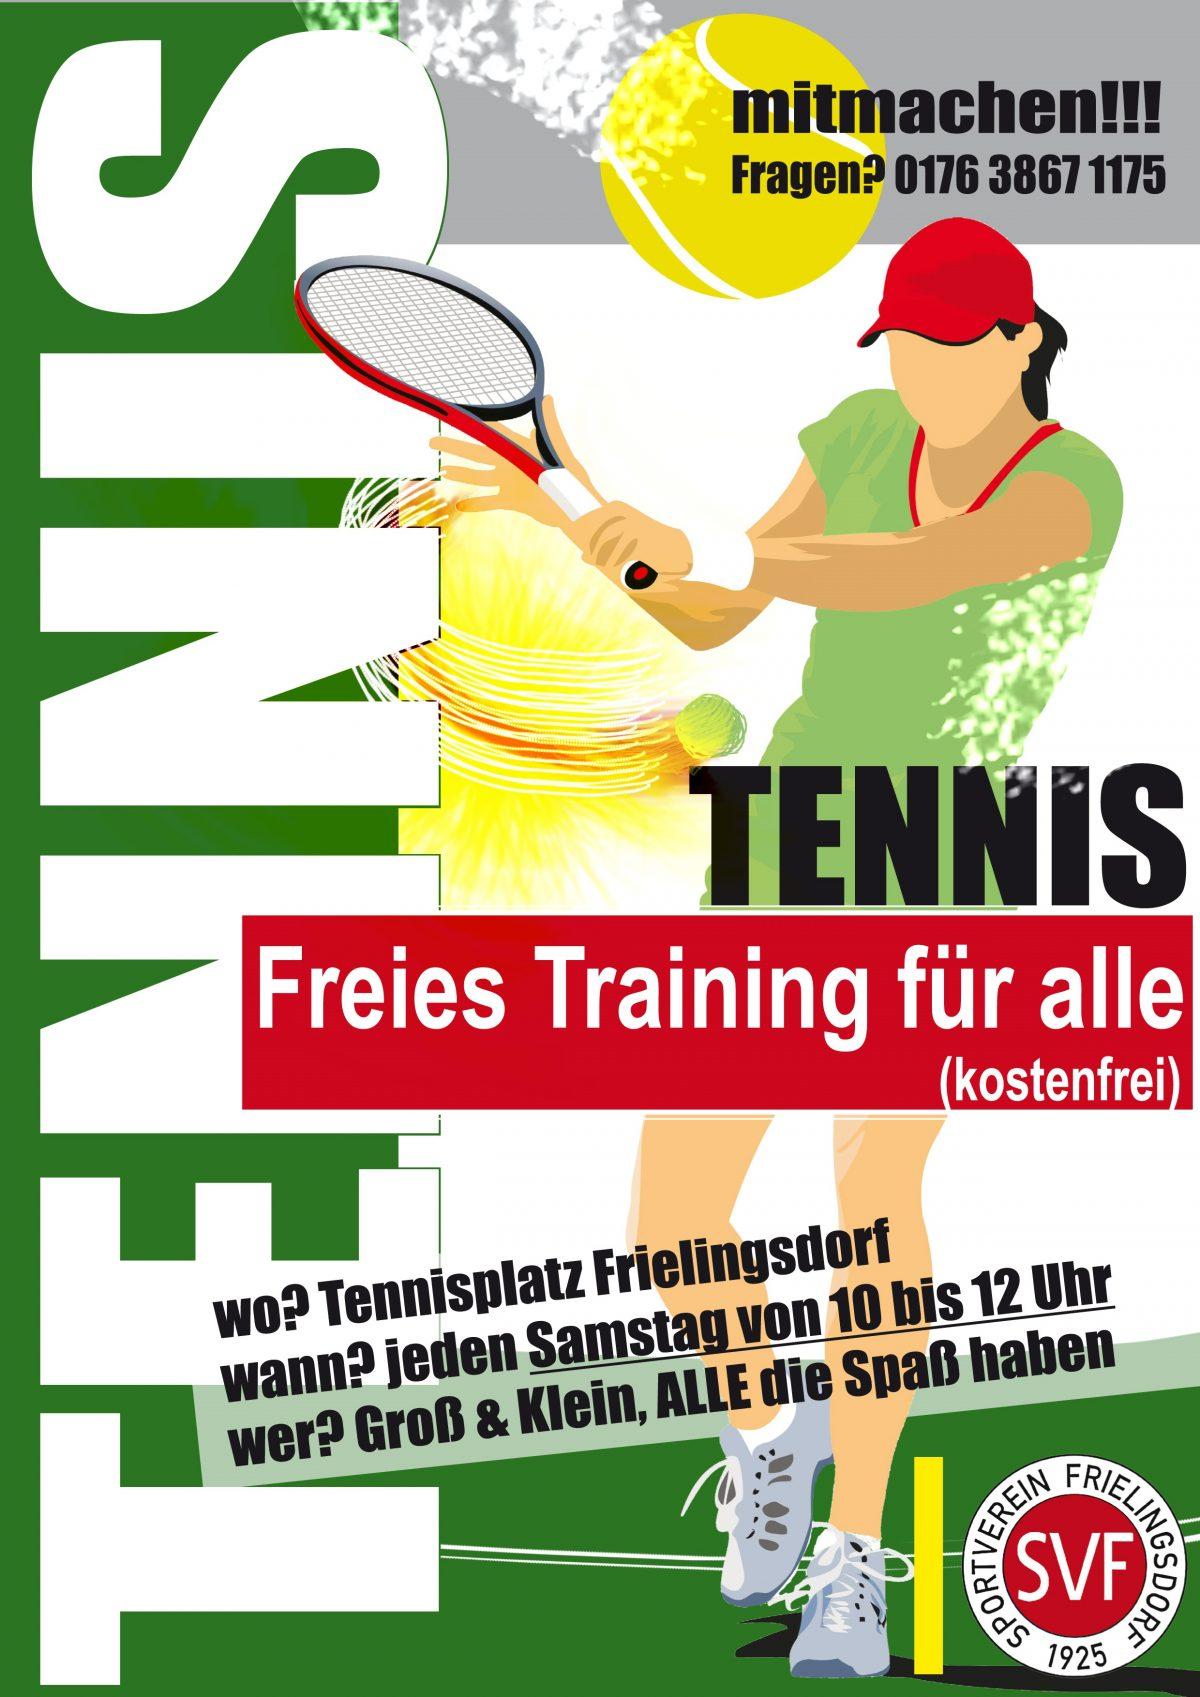 Tennis_Freies Training für alle